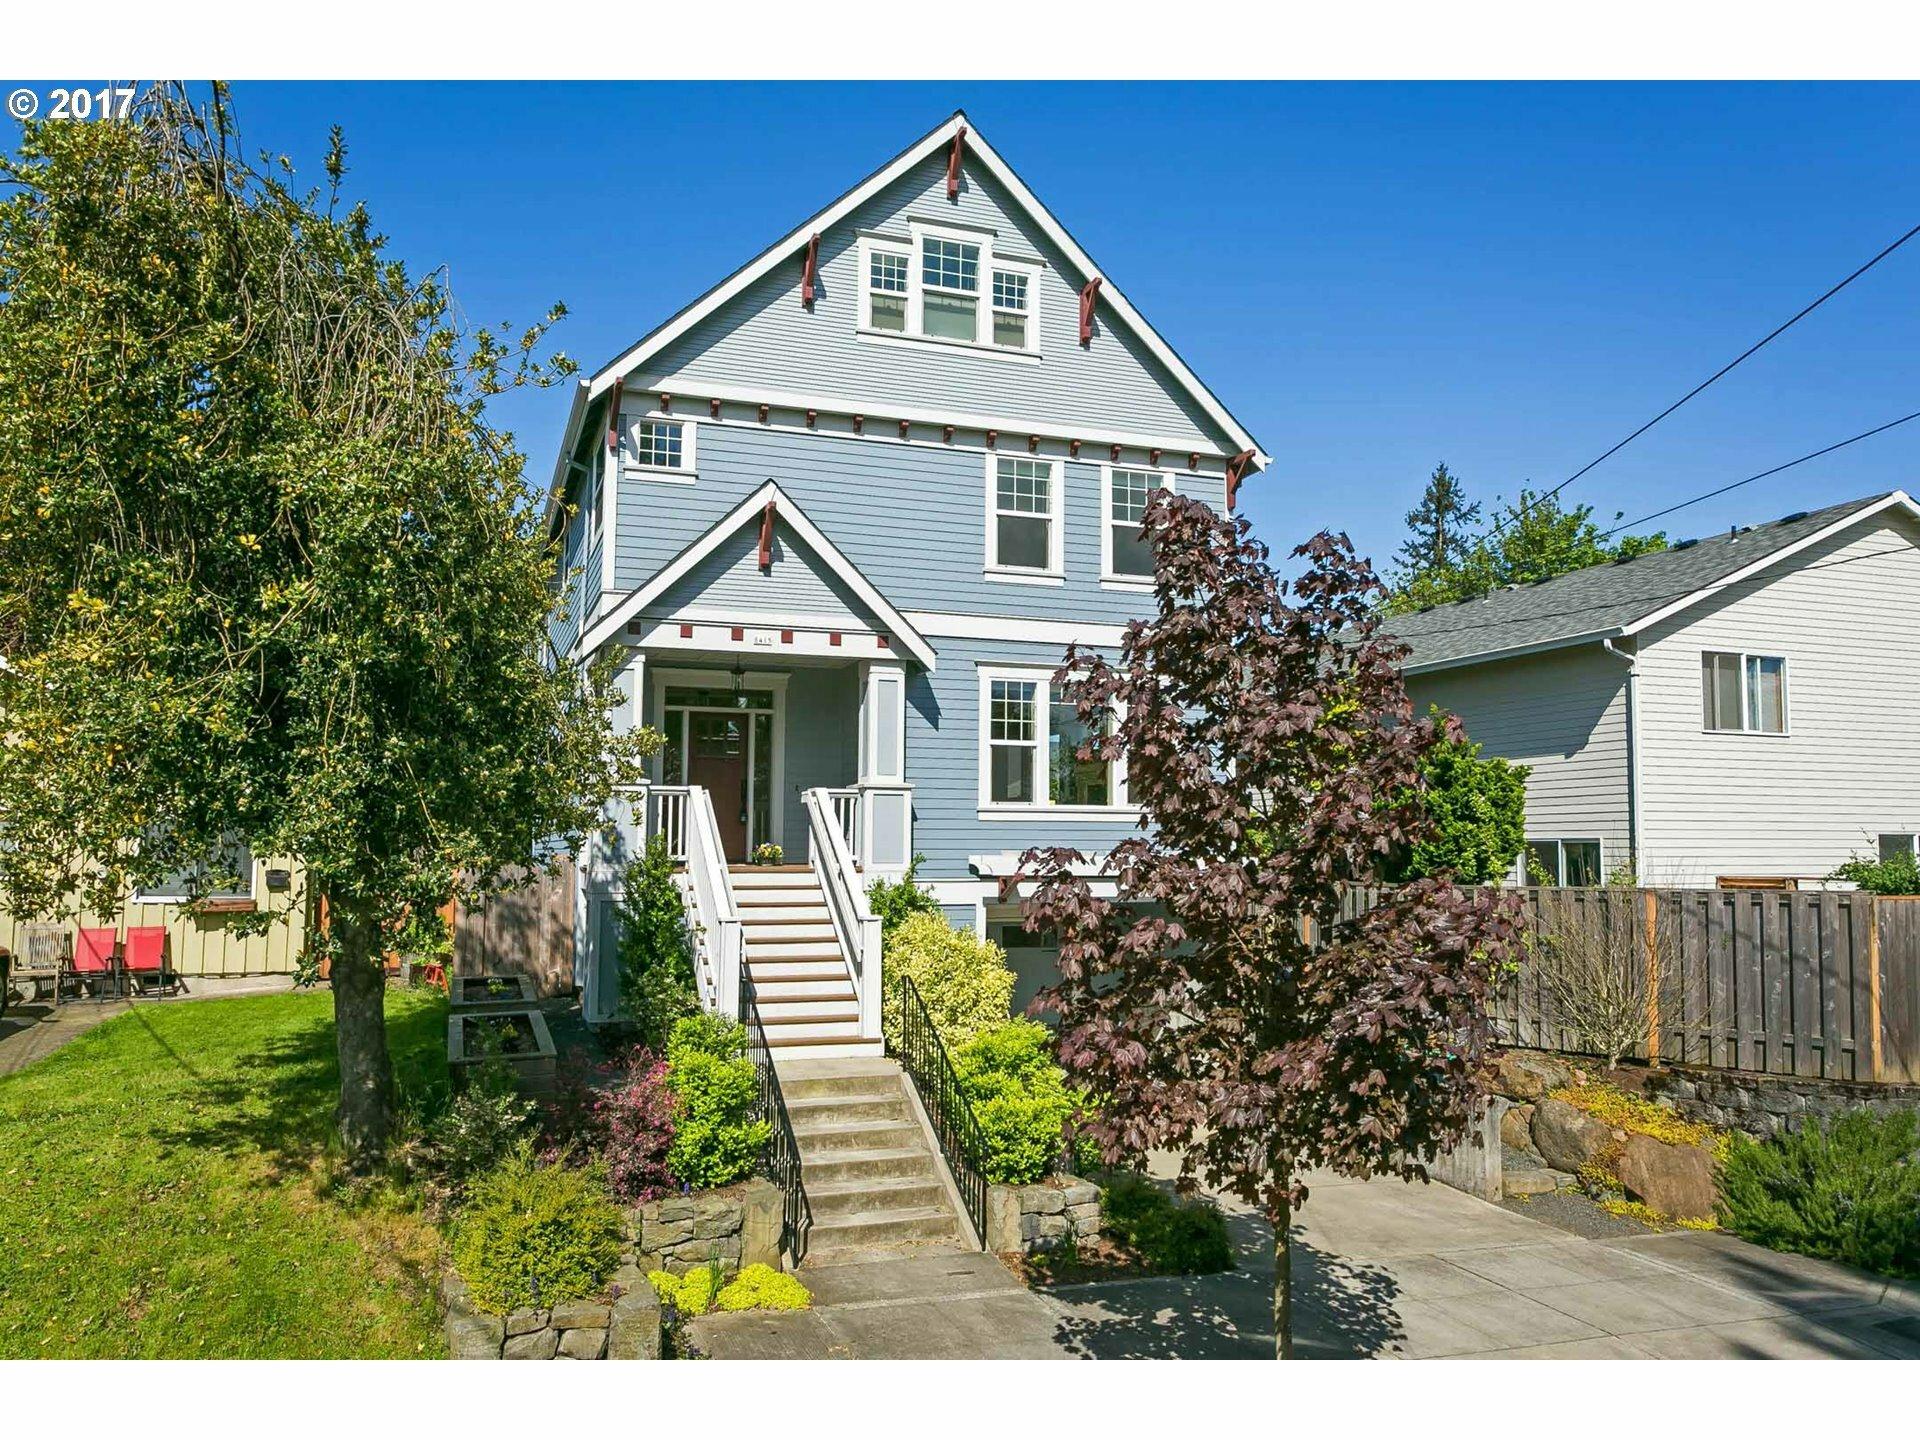 8415 Se 19th Ave, Portland, OR - USA (photo 1)